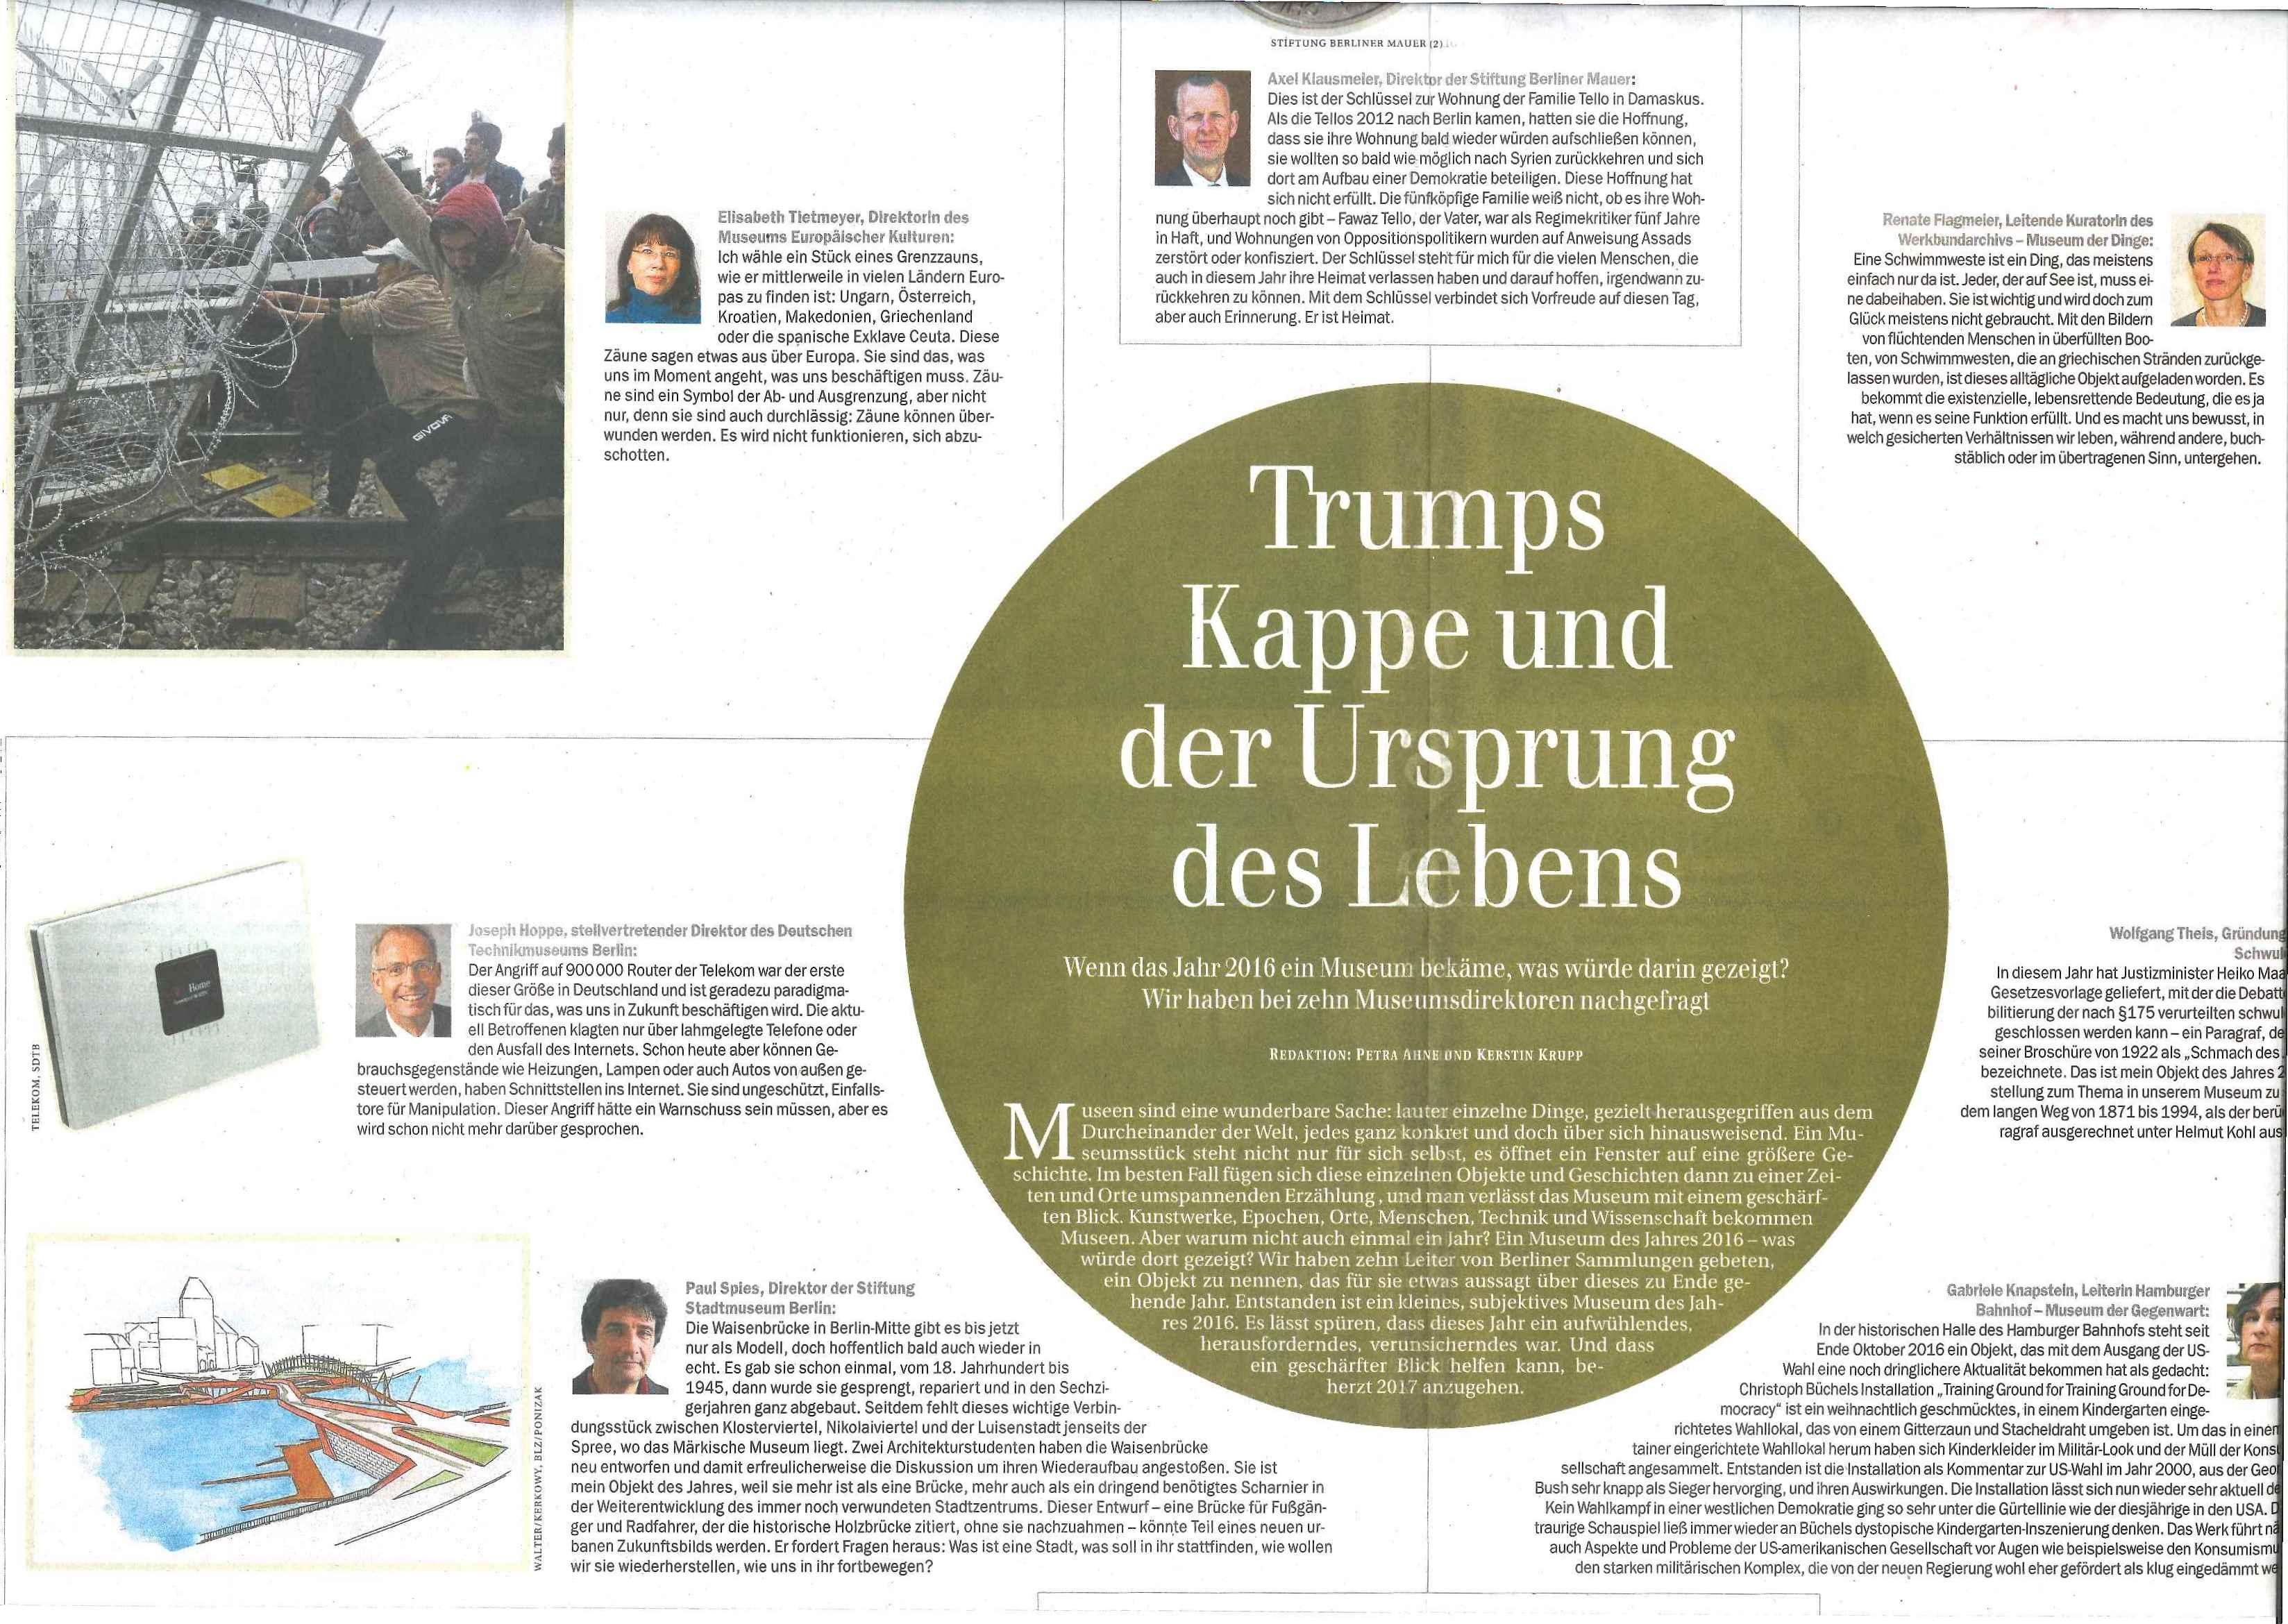 161231_Berliner Zeitung